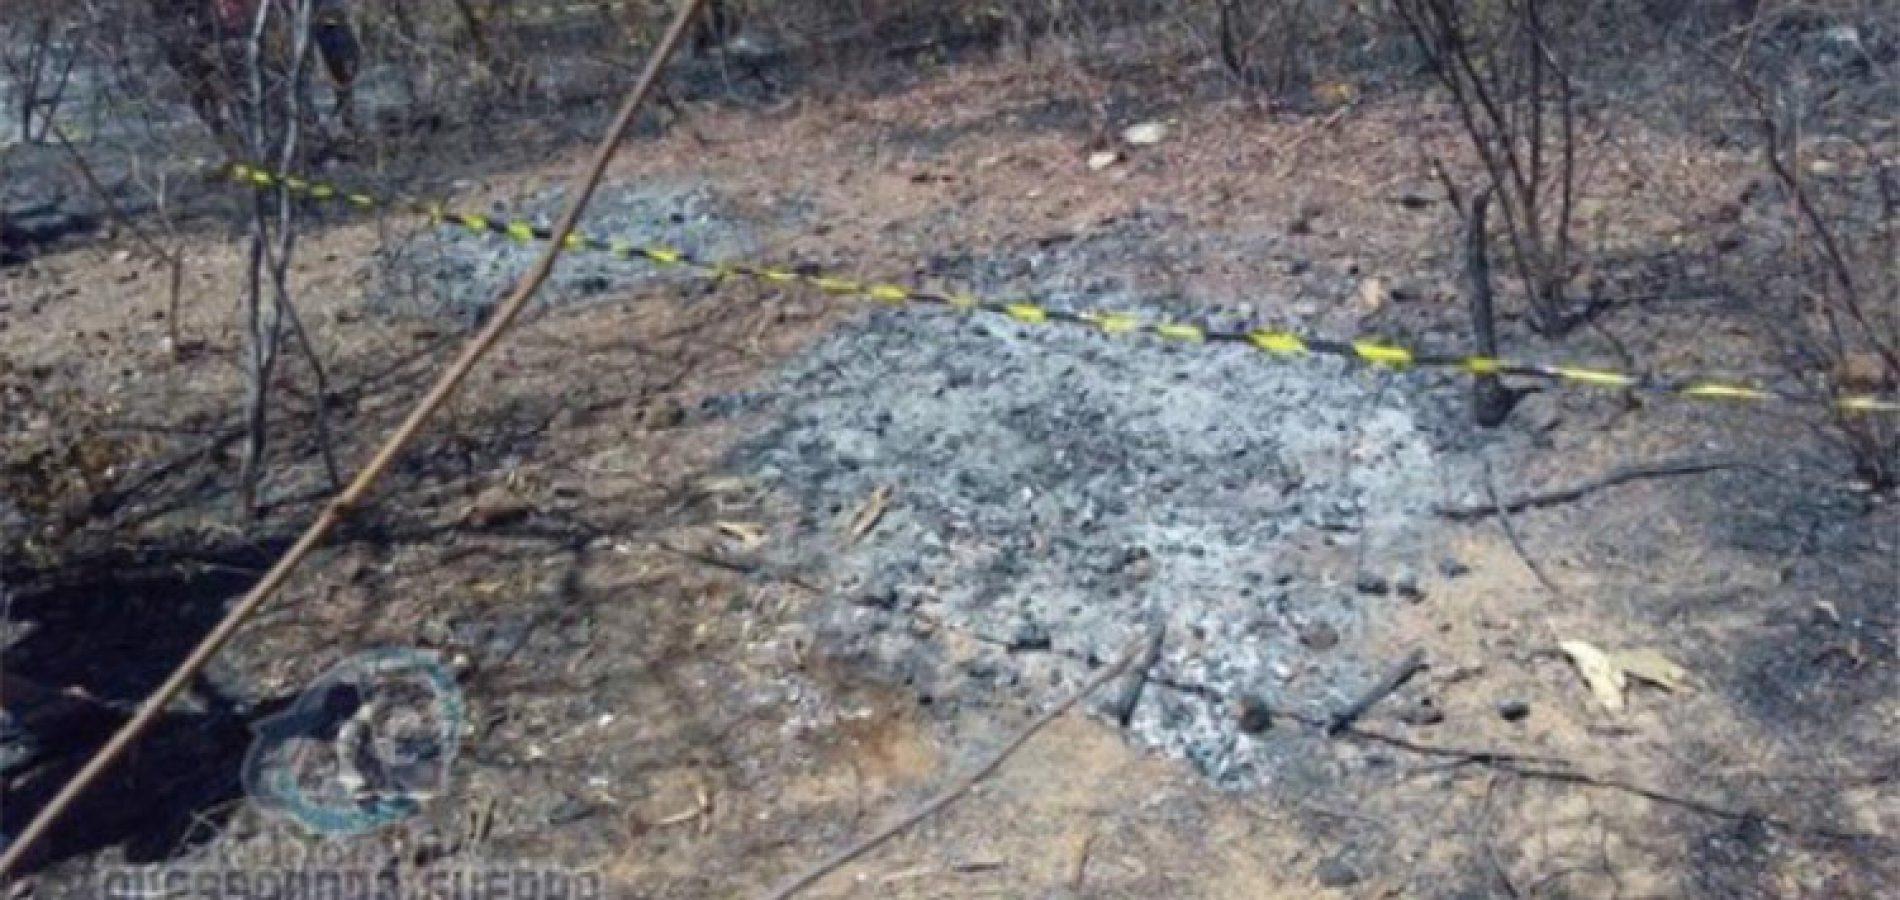 Corpos são encontrados carbonizados em matagal de cidade no Sul do Piauí